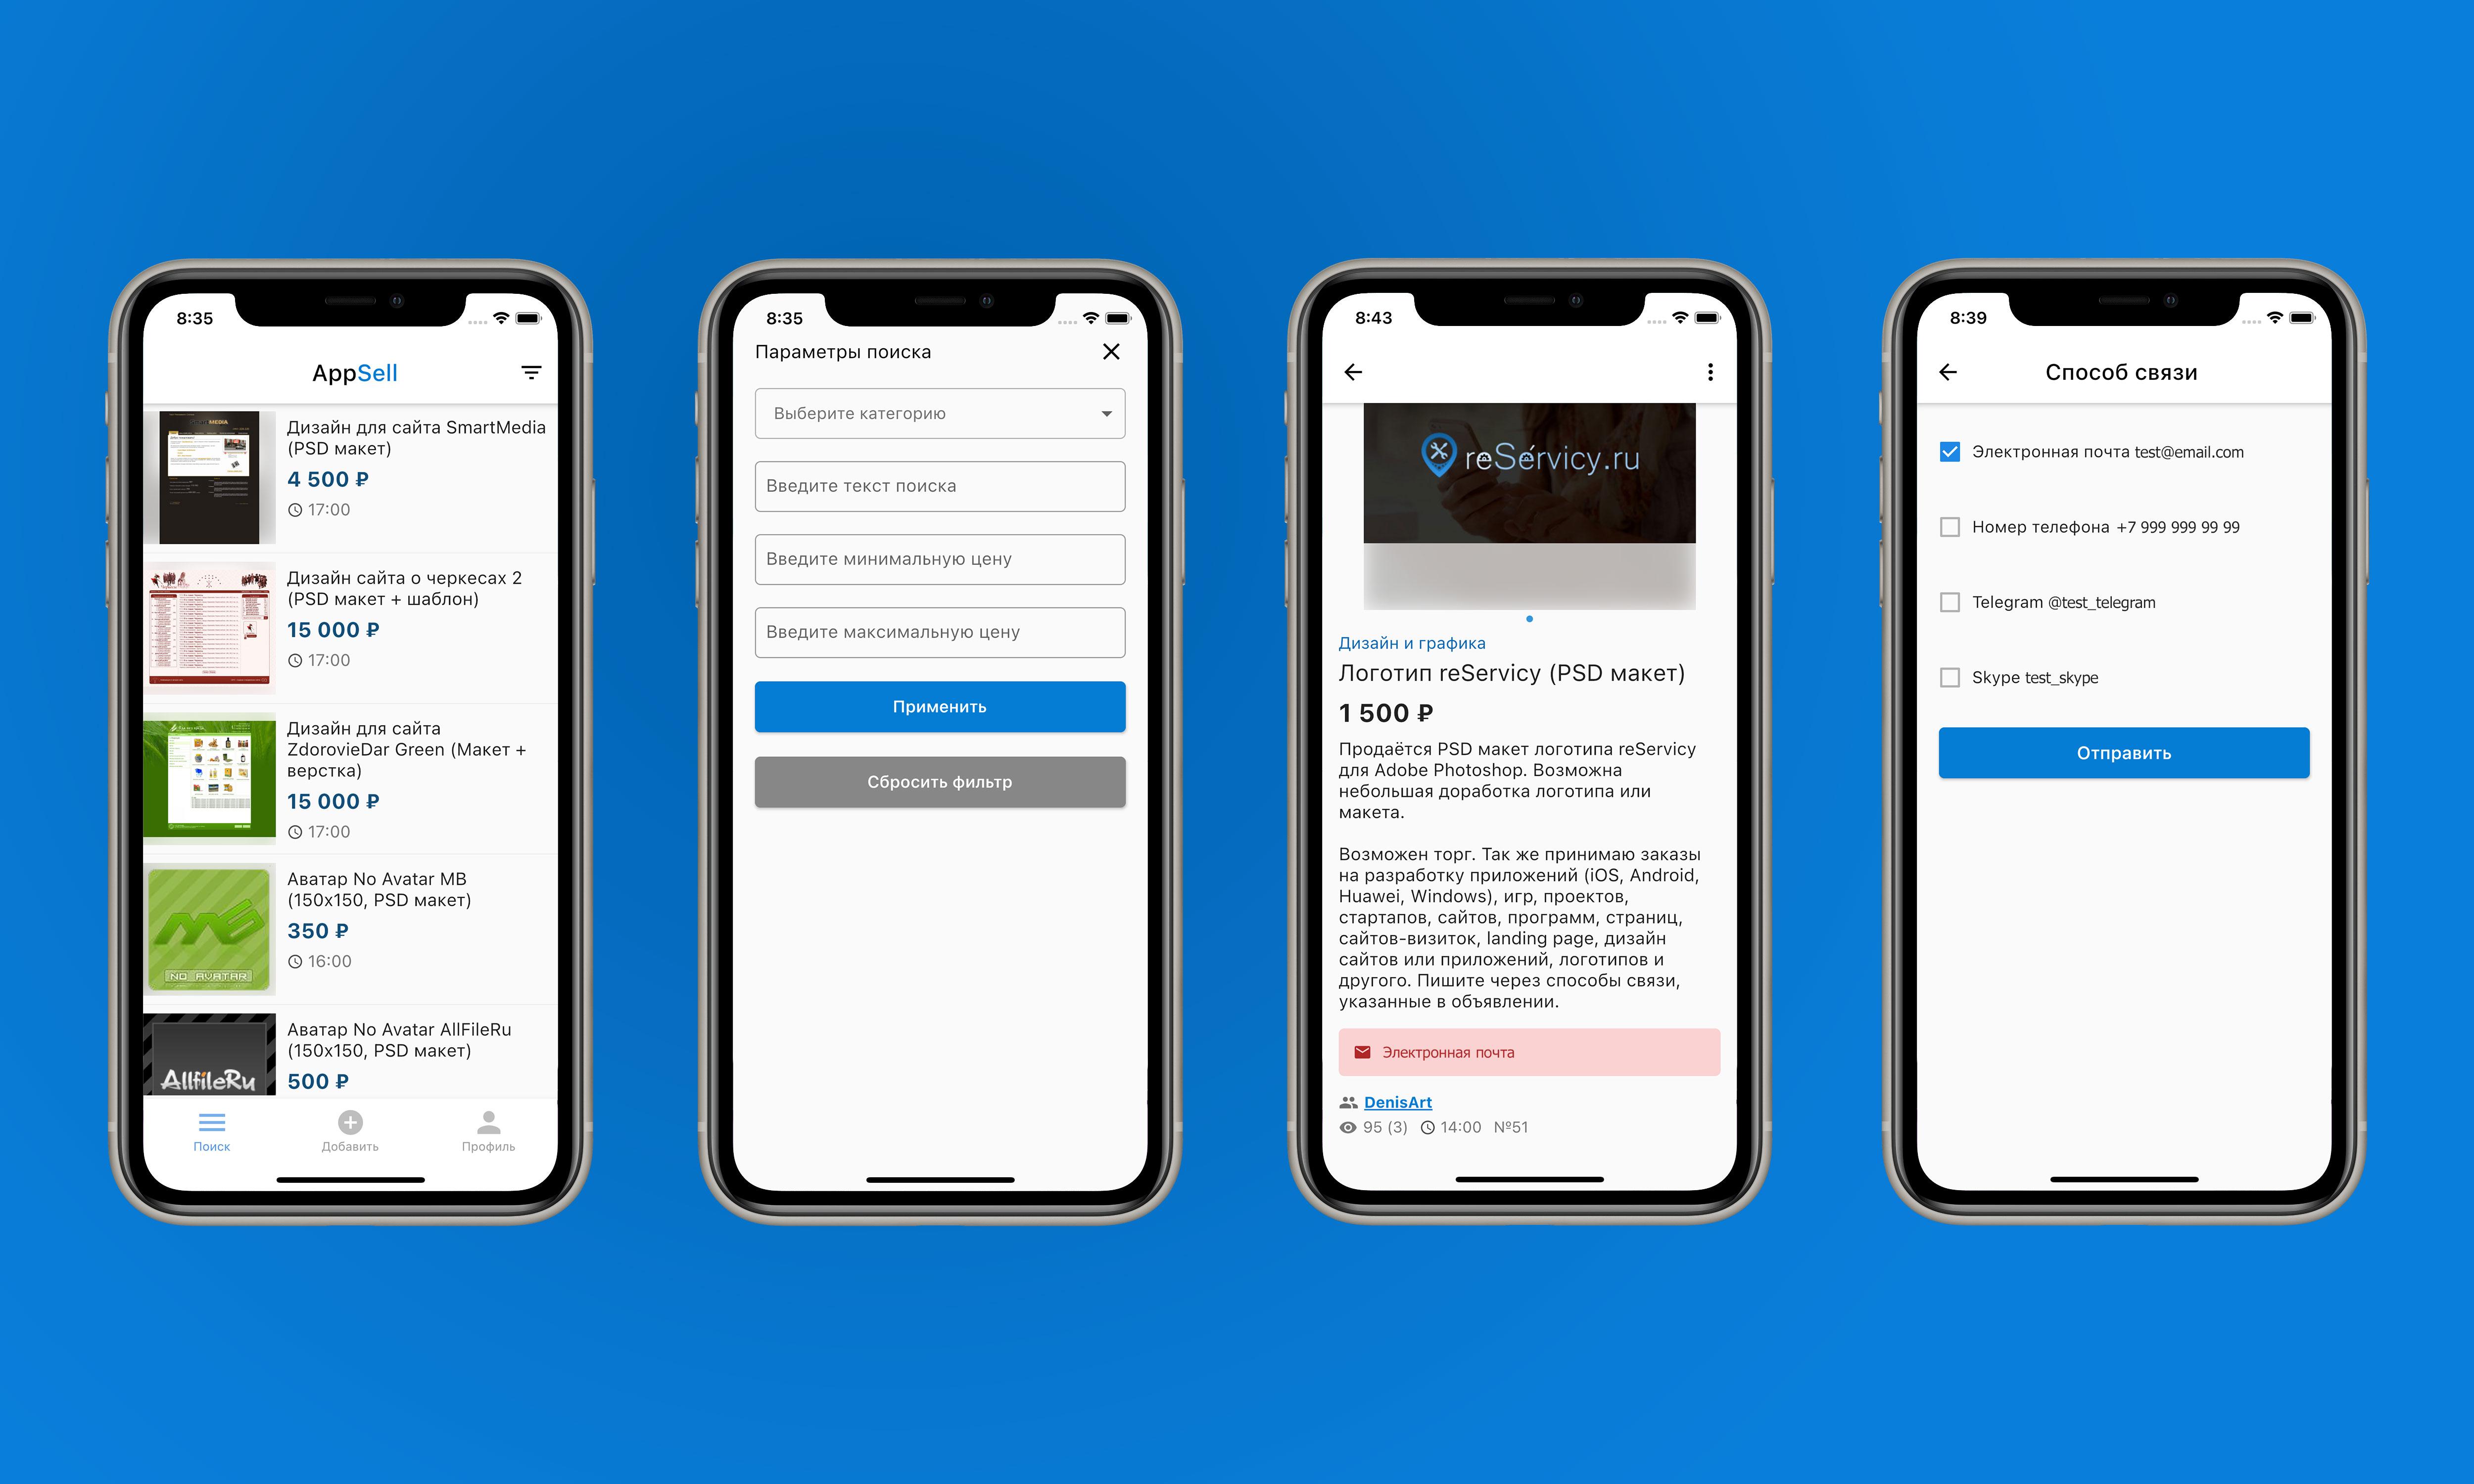 Приложение AppSell для iOS (Flutter)